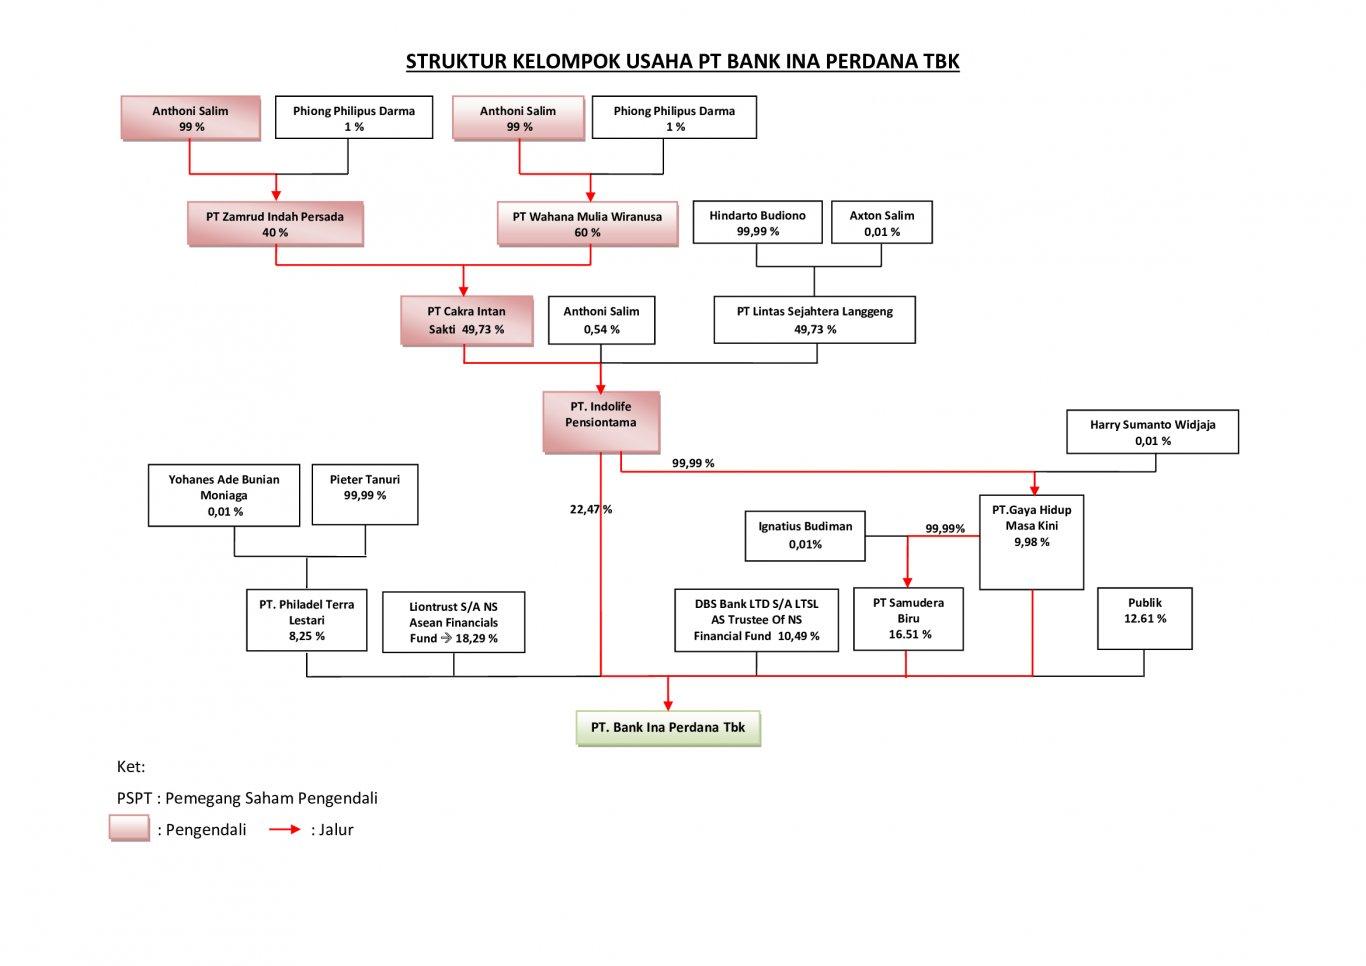 Struktur Grup